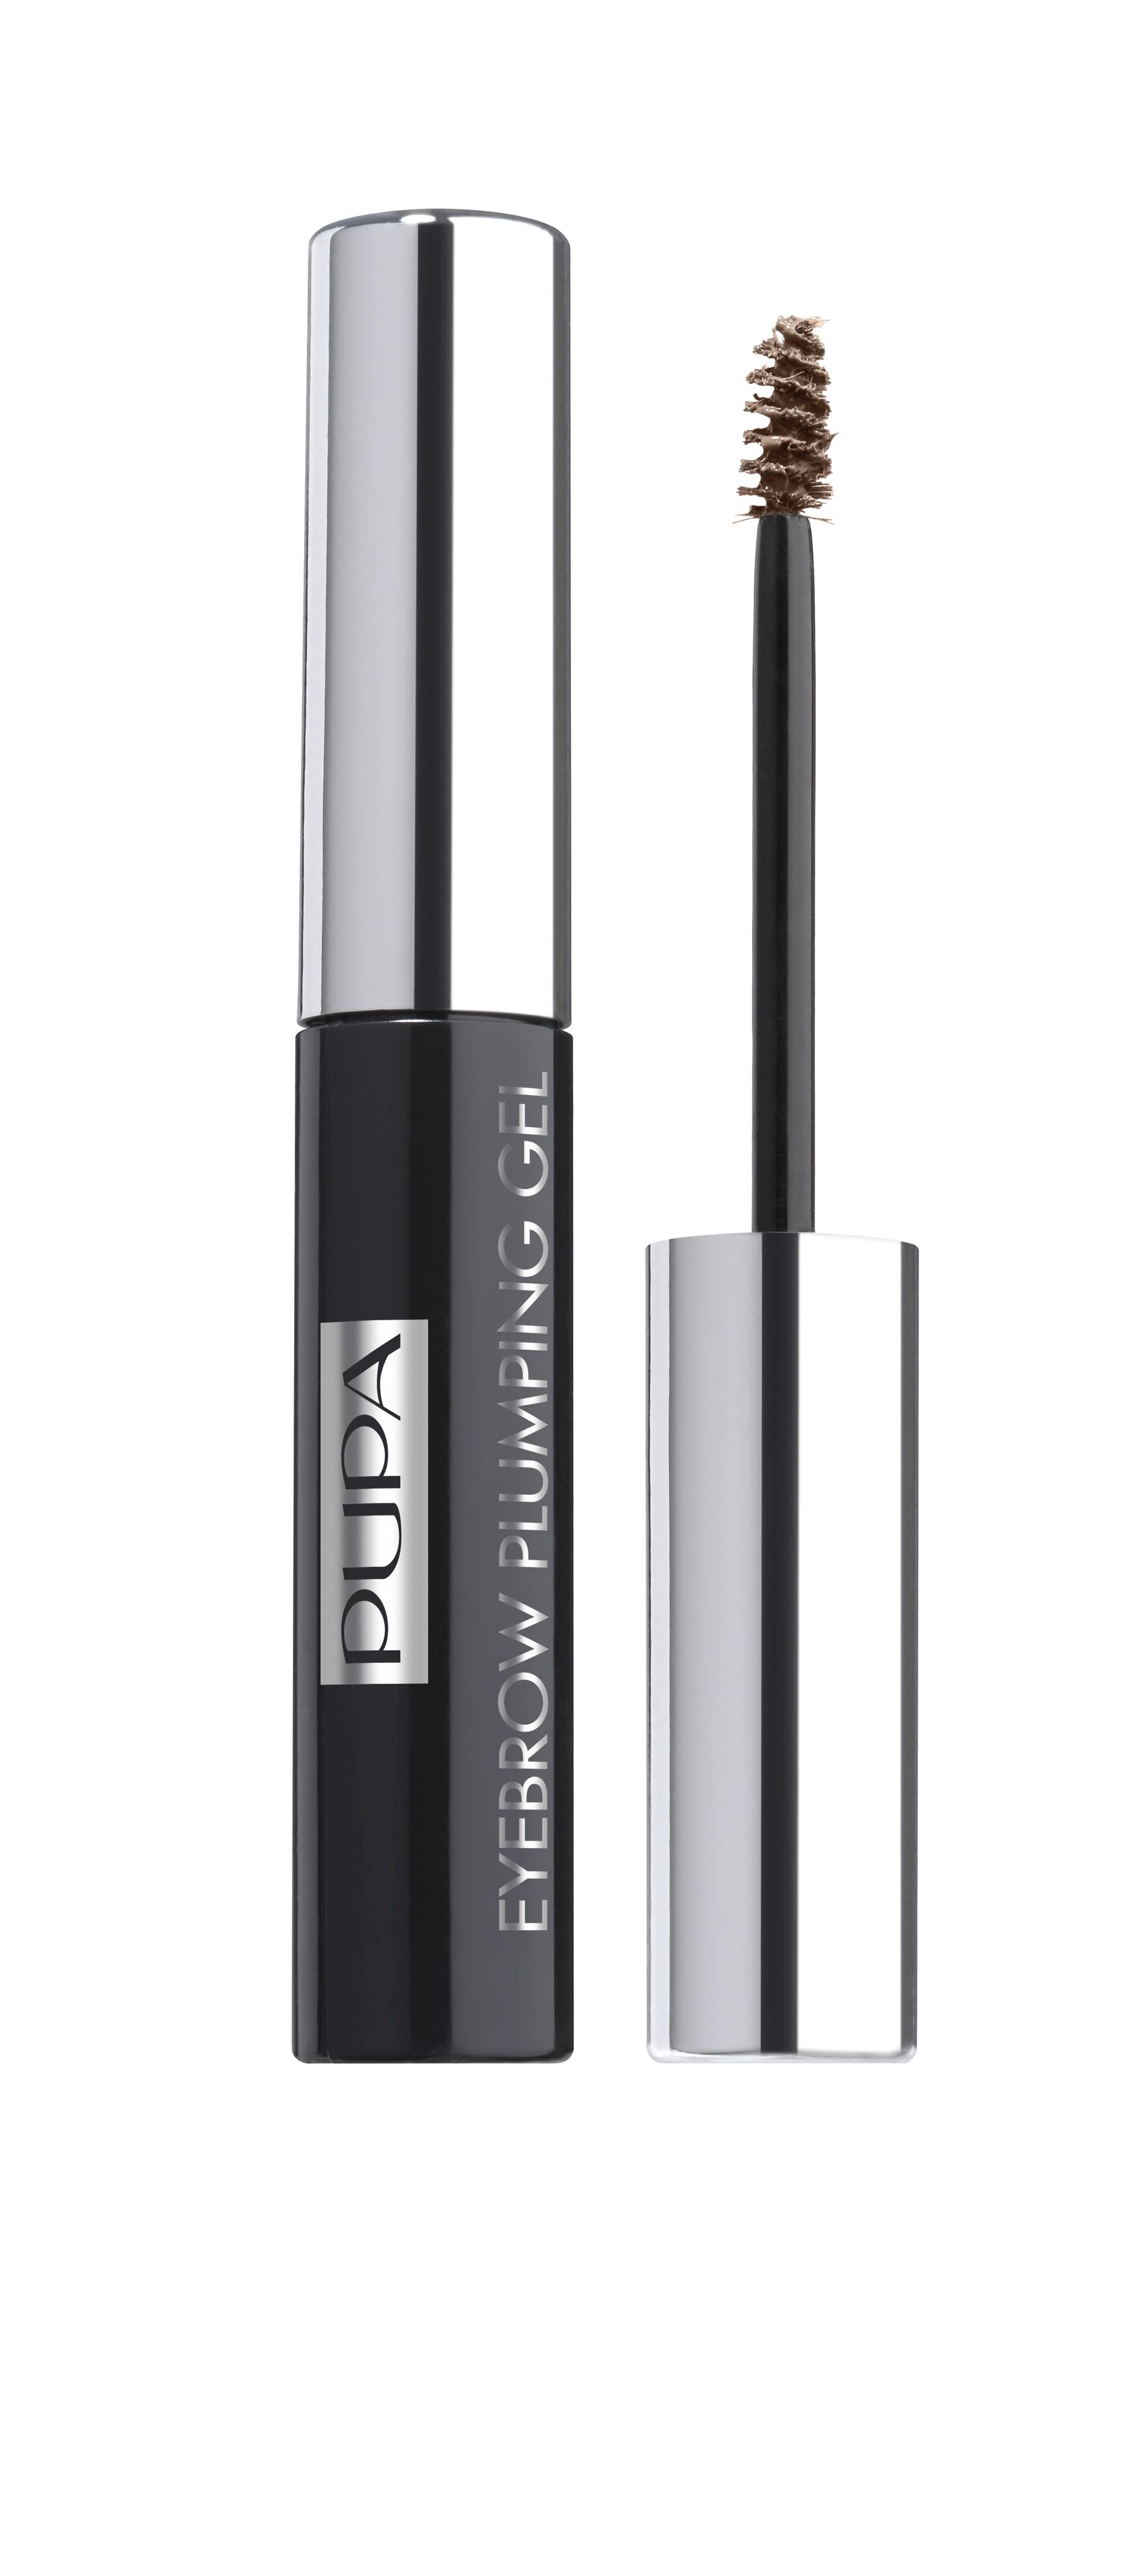 Pupa Пигментированный гель для бровей EYEBROW PLUMPING GEL № 001 светлый, 4 мл29101264030Пигментированный фиксирующий гель для бровей EYEBROW PLUMPING GEL. Мягкий, слегка пигментированный, устойчивый гель для акцентирования и фиксации бровей в макияже. Формула: Включает специальные микроволокна, которые придают объем (плотность) бровям, без эффекта утяжеления. Увлажняющие ингредиенты обеспечивают ощущение свежести и комфорта. Специальные пигменты - для мягкого равномерного окрашивания. Профессиональный аппликатор – щеточка с короткими щетинами равномерно распределяет гелевую структуру, нежно расчесывает брови, фиксируя их направление.